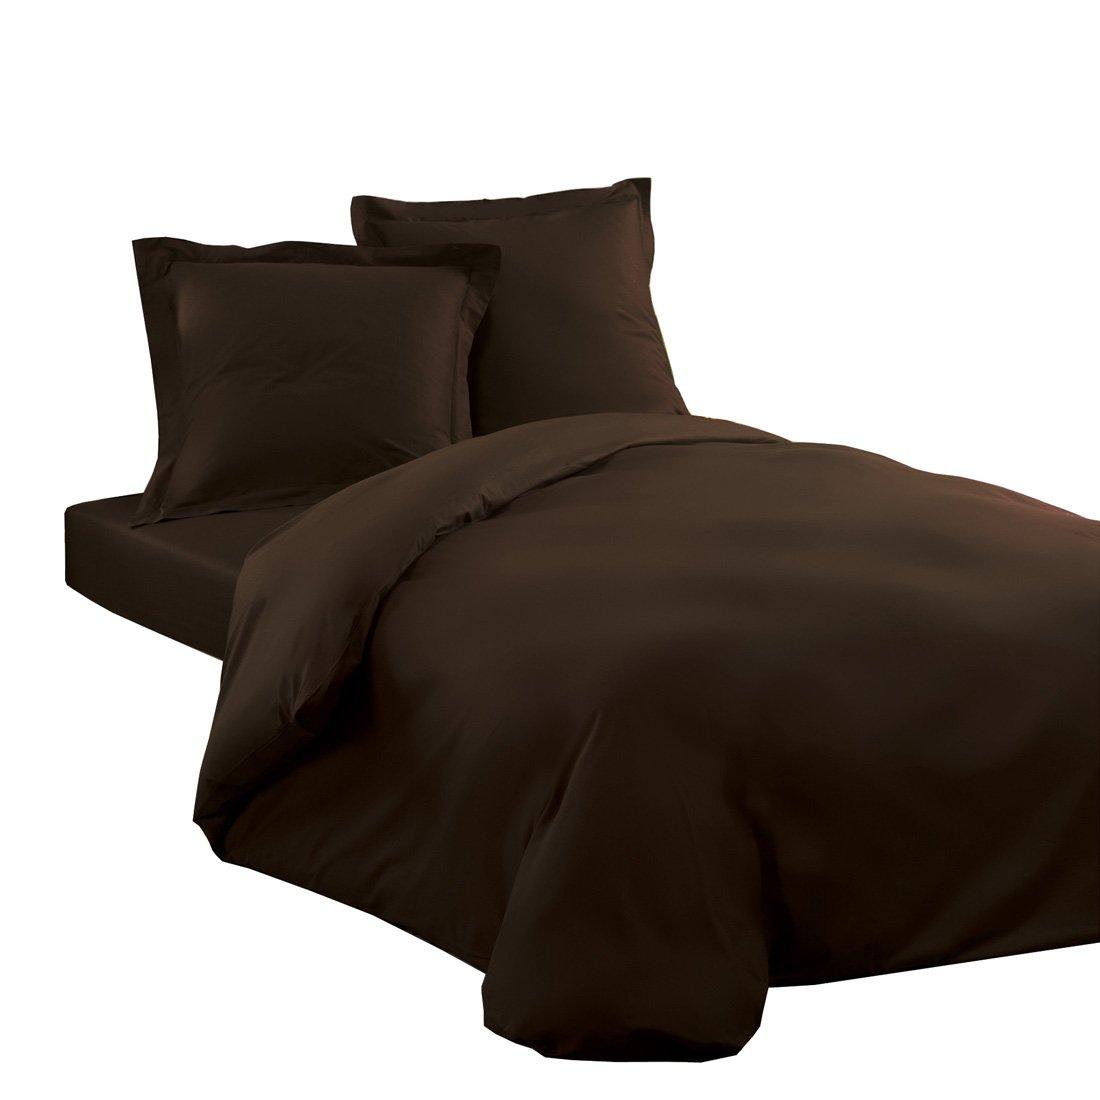 housse de couette ikea 220x240 douceur duintrieur housse de couette uni gris souris x cm. Black Bedroom Furniture Sets. Home Design Ideas